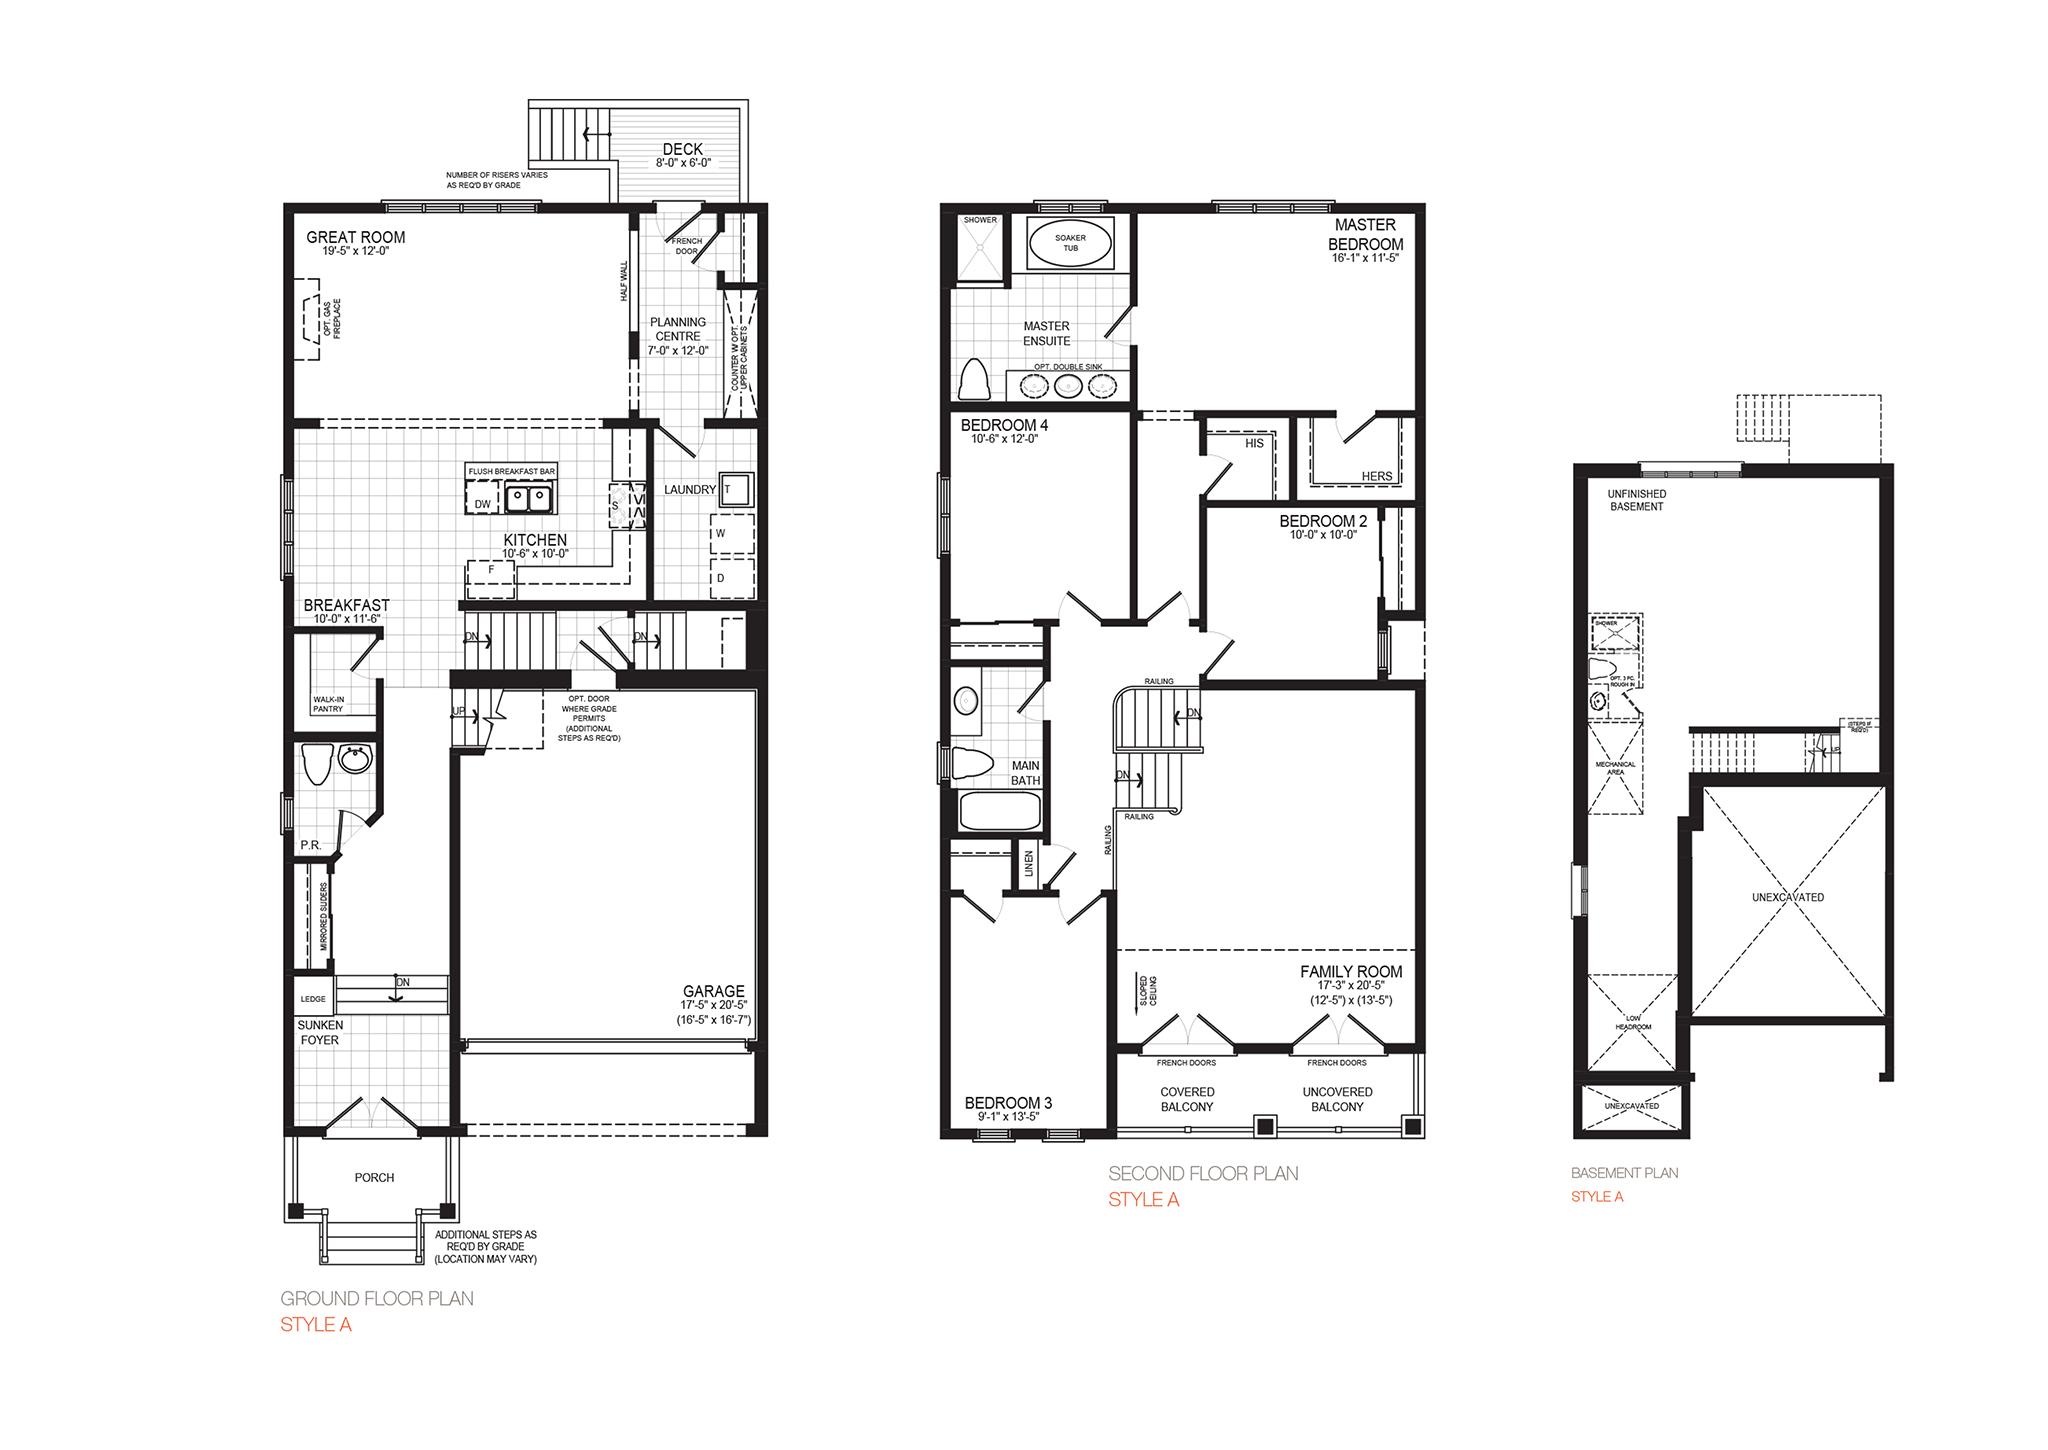 35726-calypso-floor-plan